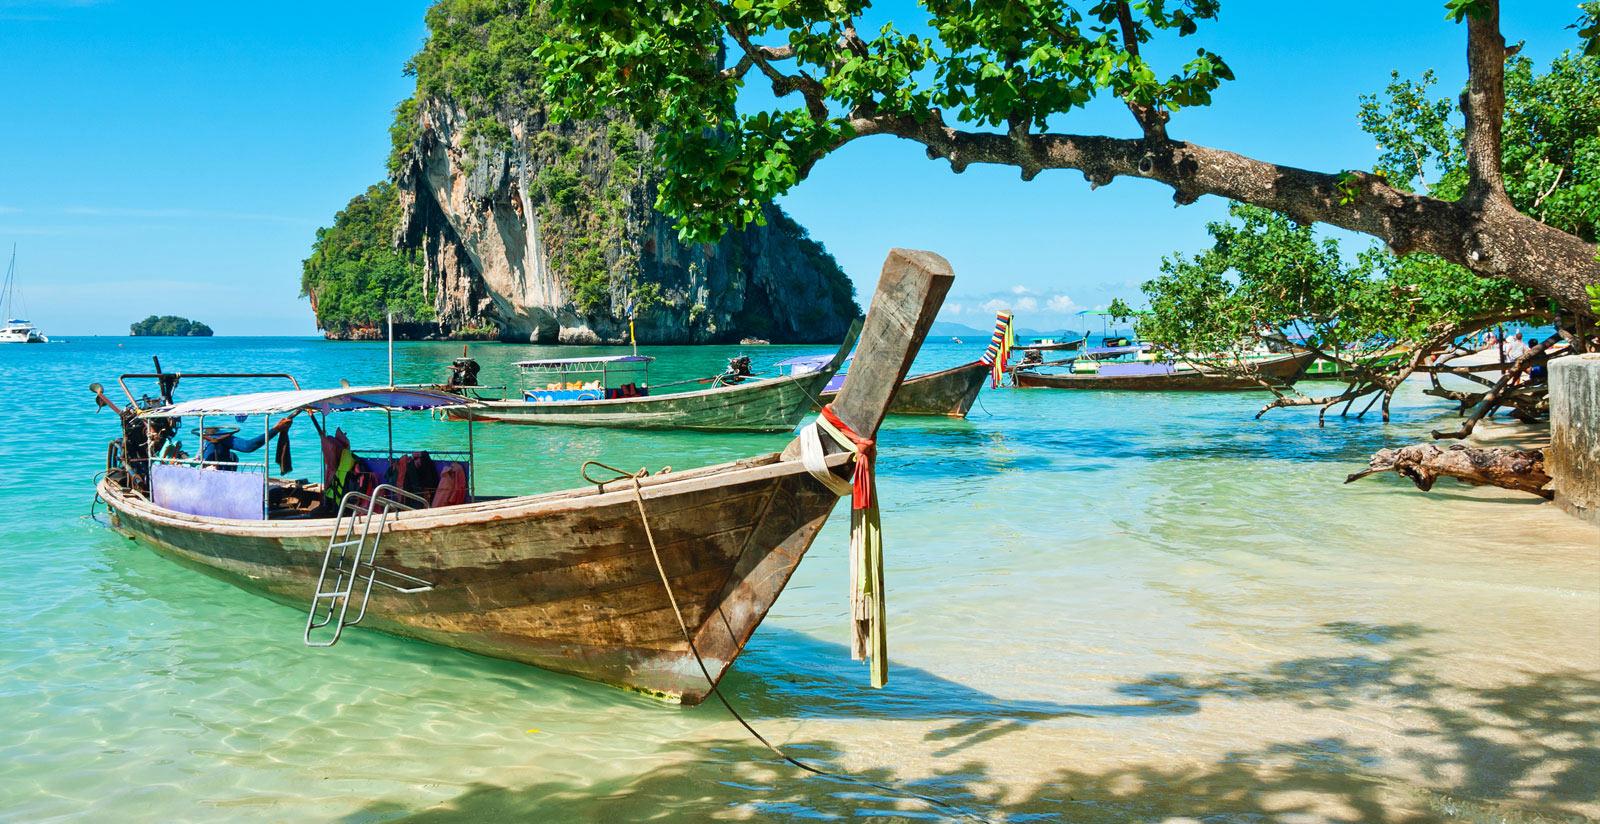 ERROR FARE: Von Genf in der Schweiz nach Bangkok/Thailand für nur 250€ hin- und zurück! [April 2017 - Januar 2018]